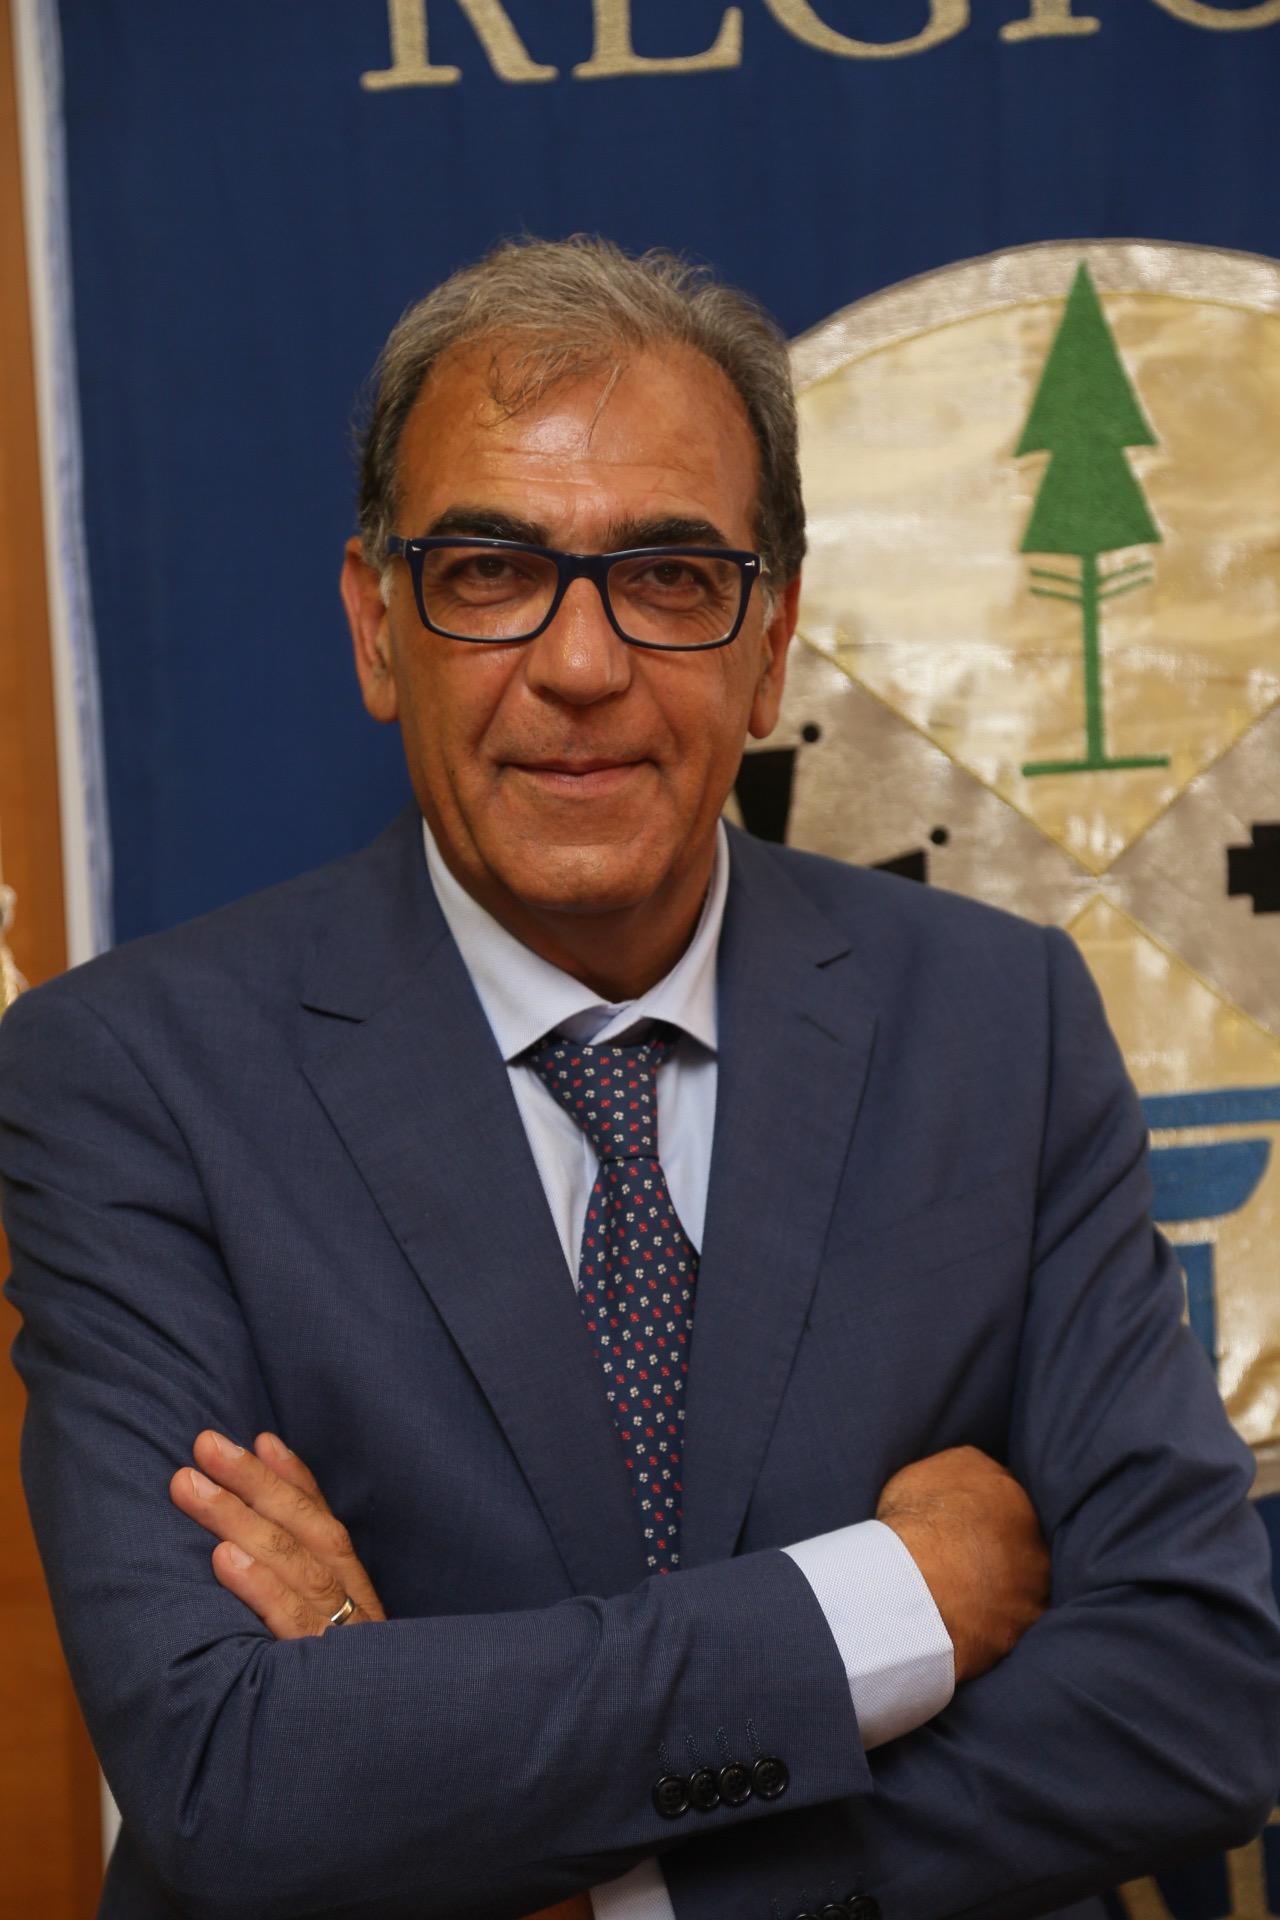 ANTONIO VISCOMI - Vicepresidente Giunta Regione Crotone